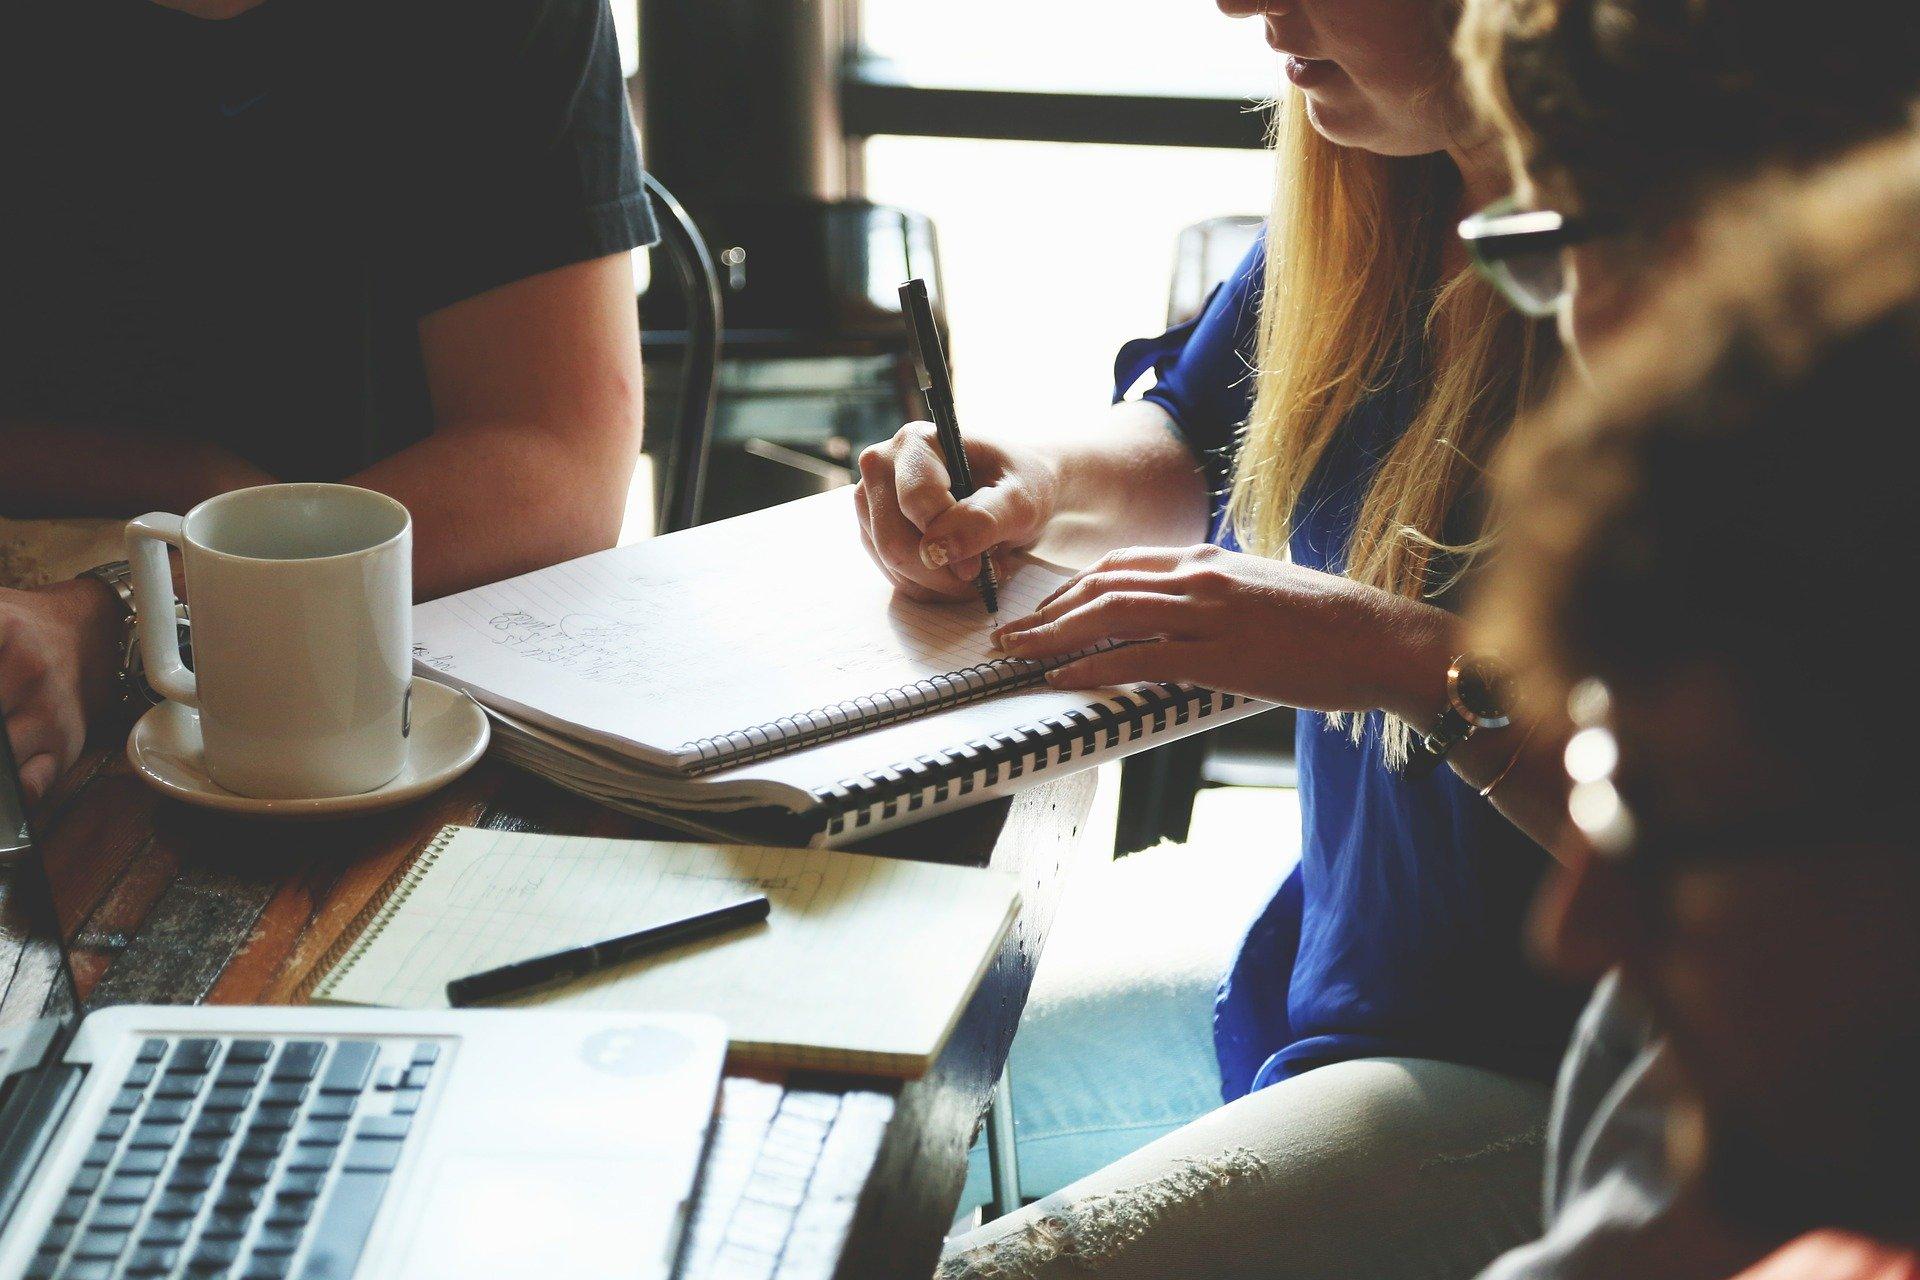 T'agradaria treballar a una ONG? Consulta les ofertes de feina de l'Associació Benestar i Desenvolupament ABD